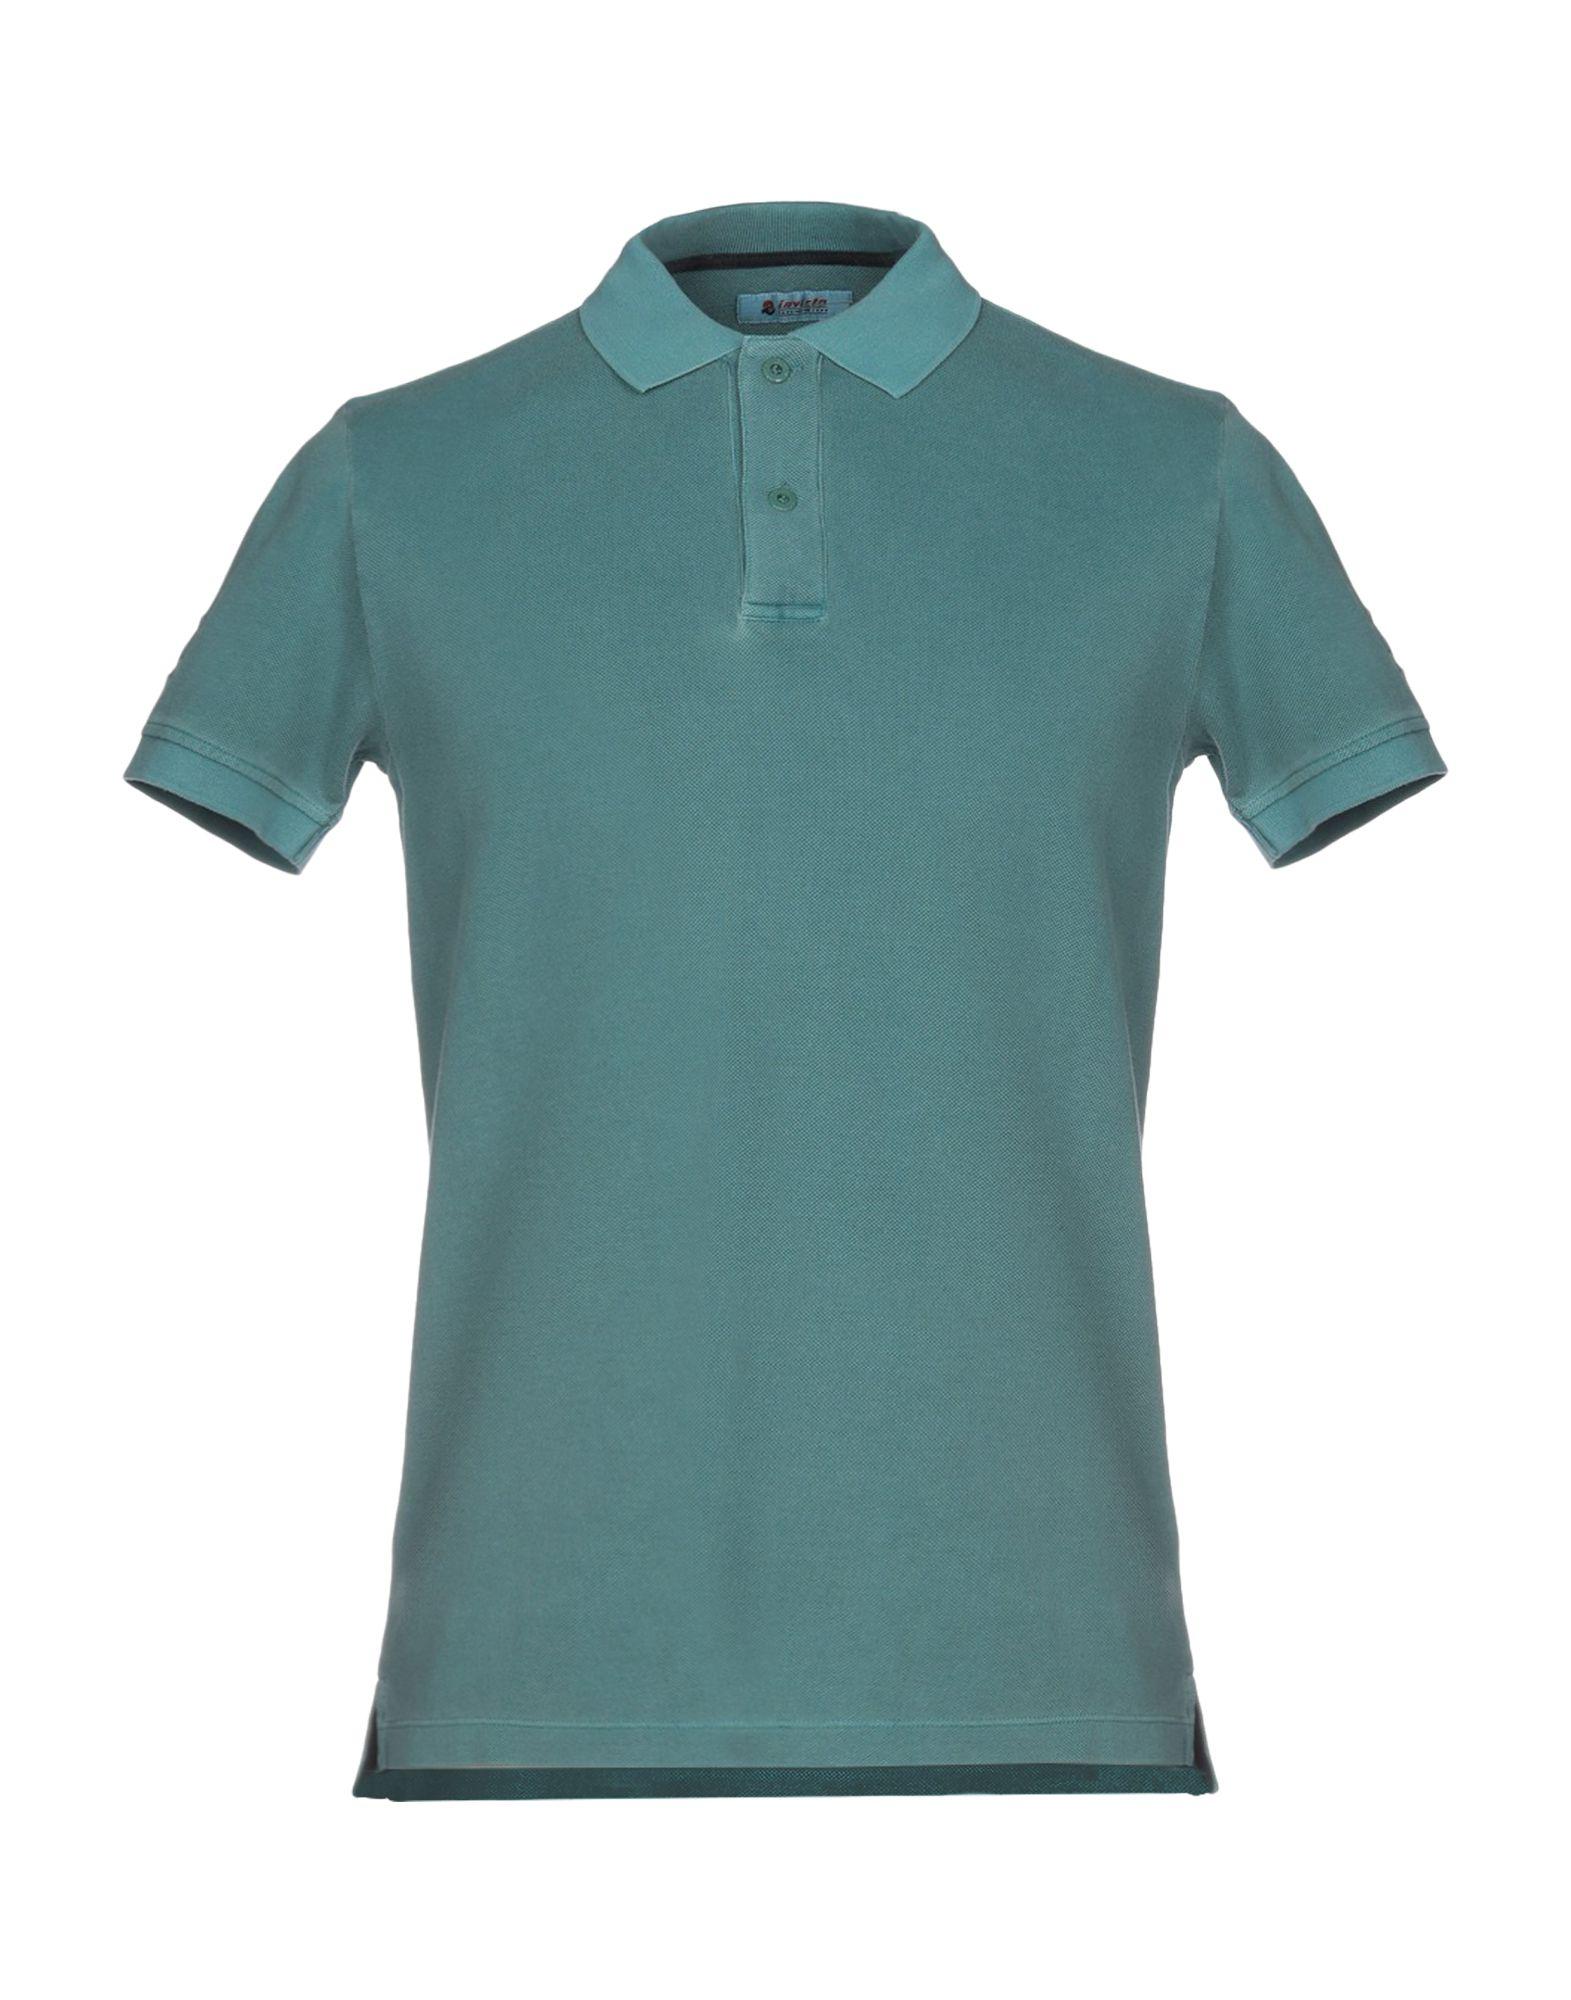 《送料無料》INVICTA メンズ ポロシャツ ブルーグレー M コットン 100%